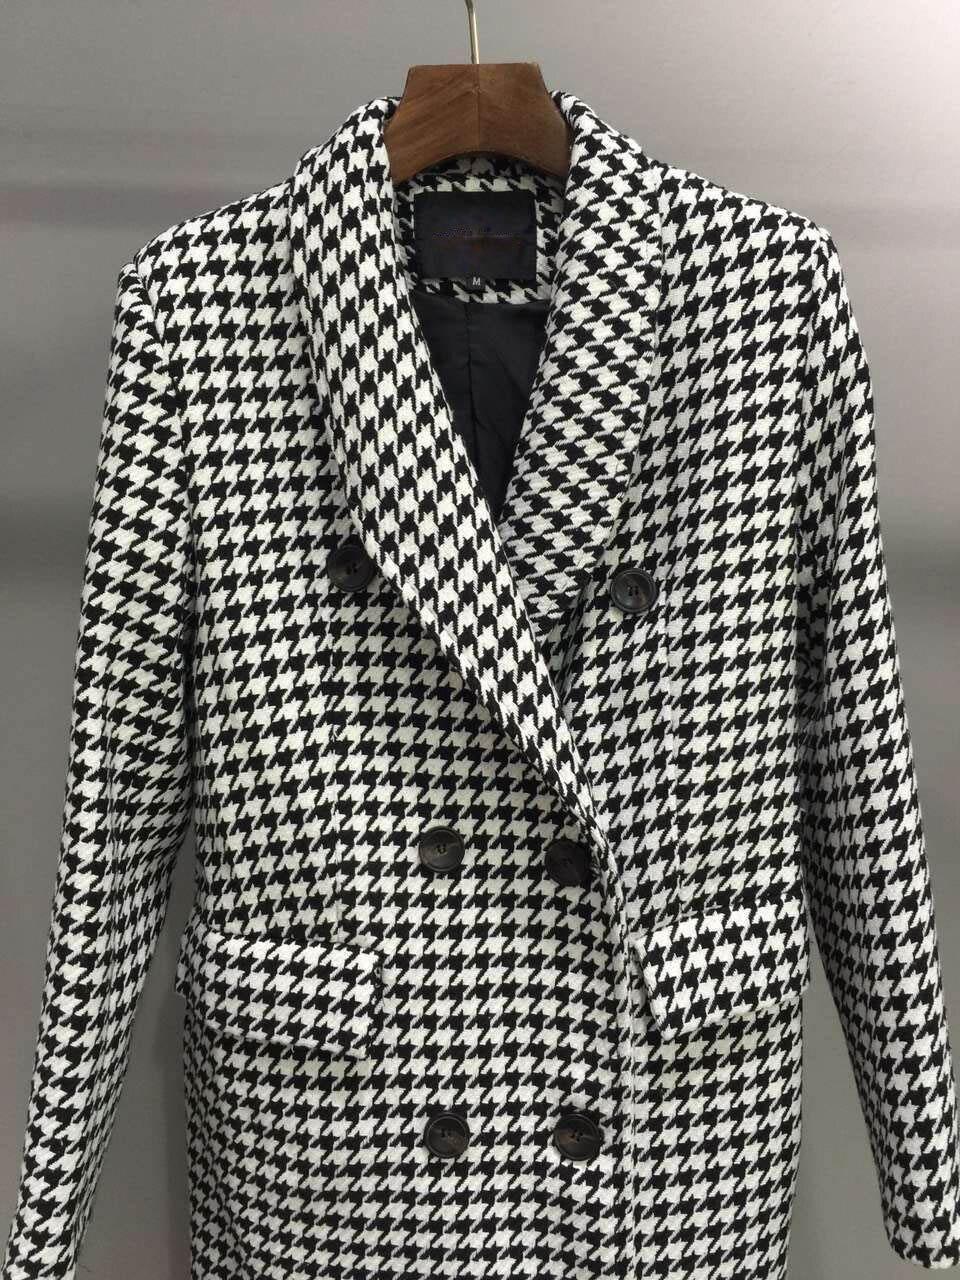 Haute 2016 Femmes Long Abrigos Veste Femme Qualité Hiver D'hiver Élégant Manteaux Casaco De Mode Mujer Feminino Manteau 8pZ5qwa